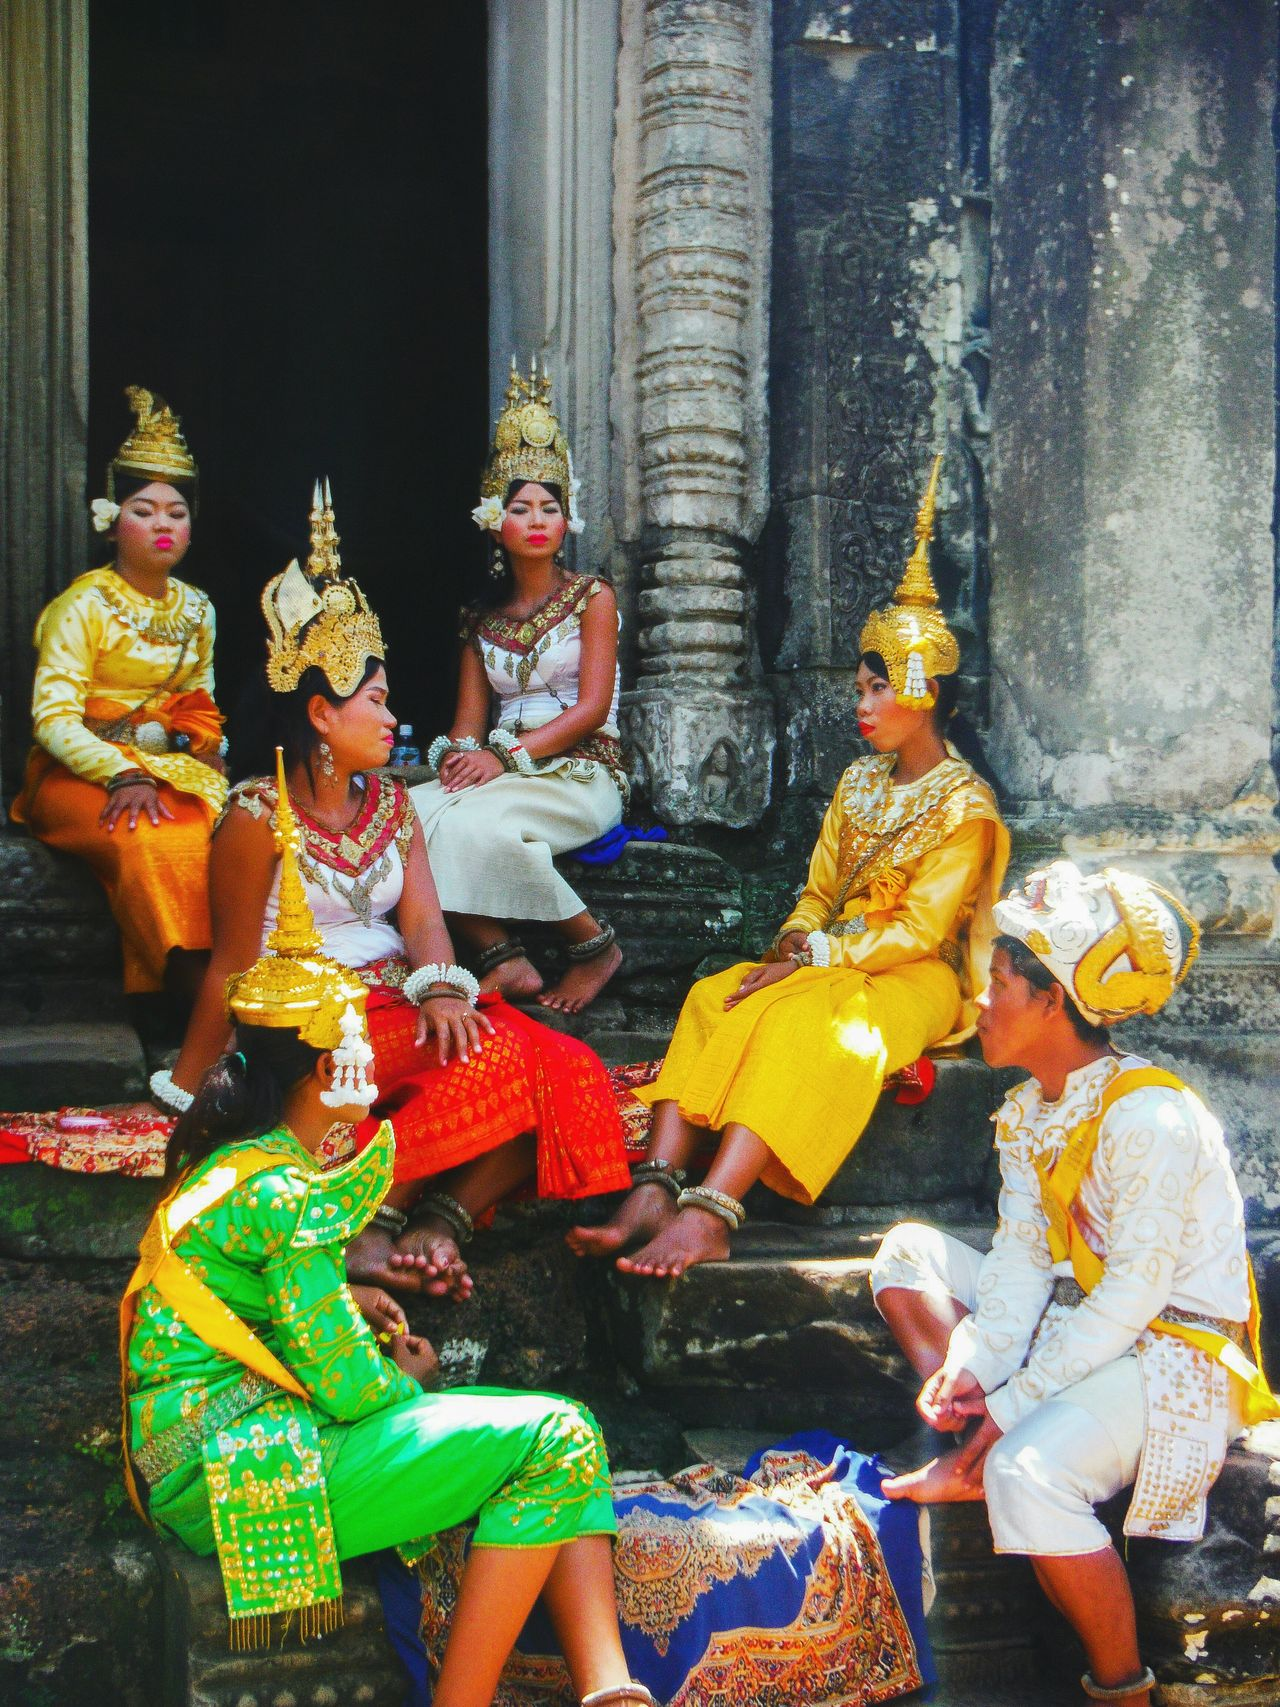 Angkor Thom Angkorthom Angkor Wat, Cambodia Angkorwat Angkor Wat Angkor Travel Asia Travel Cambodia Explore Cambodia Travel Destinations Cambodia Siem Reap Colorful Art And Craft Culture Tradition Dance Traditional Costume Traditional Clothing Traditional Dance Costume Break Time Khmer Culture Khmer Costume Khmer Tradition